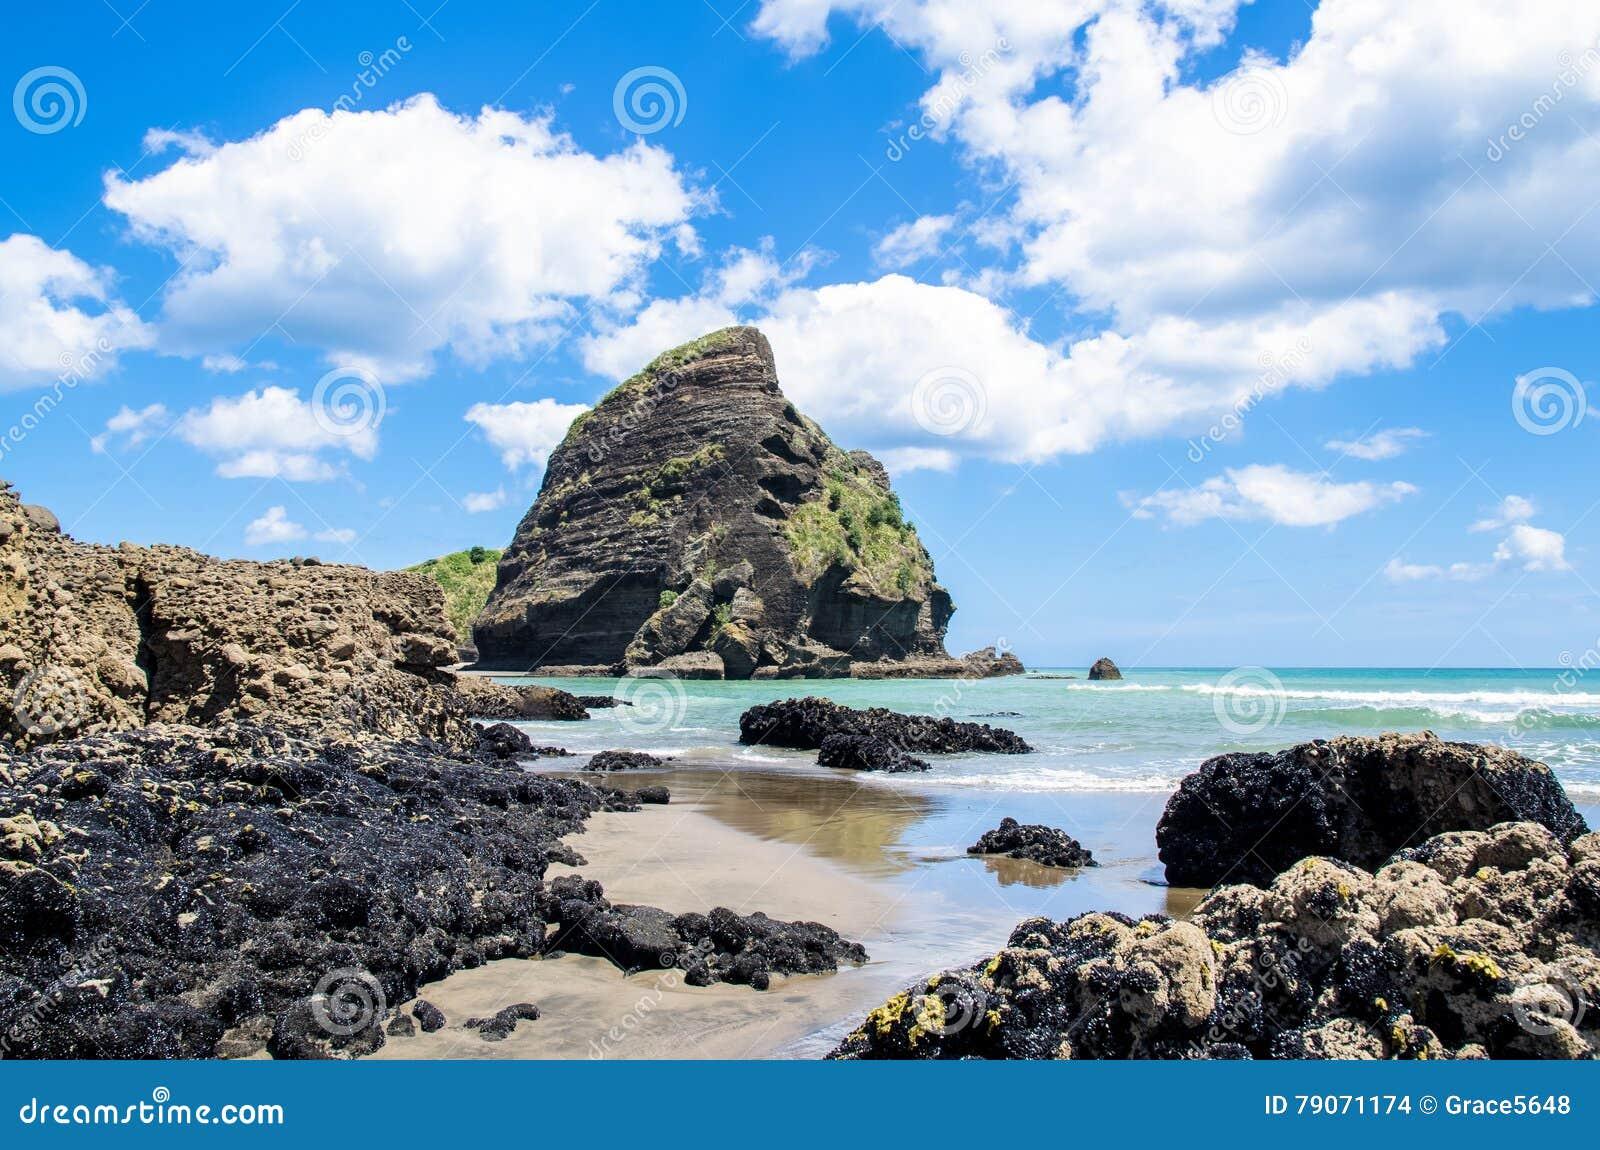 Piha Beach in New Zealand.